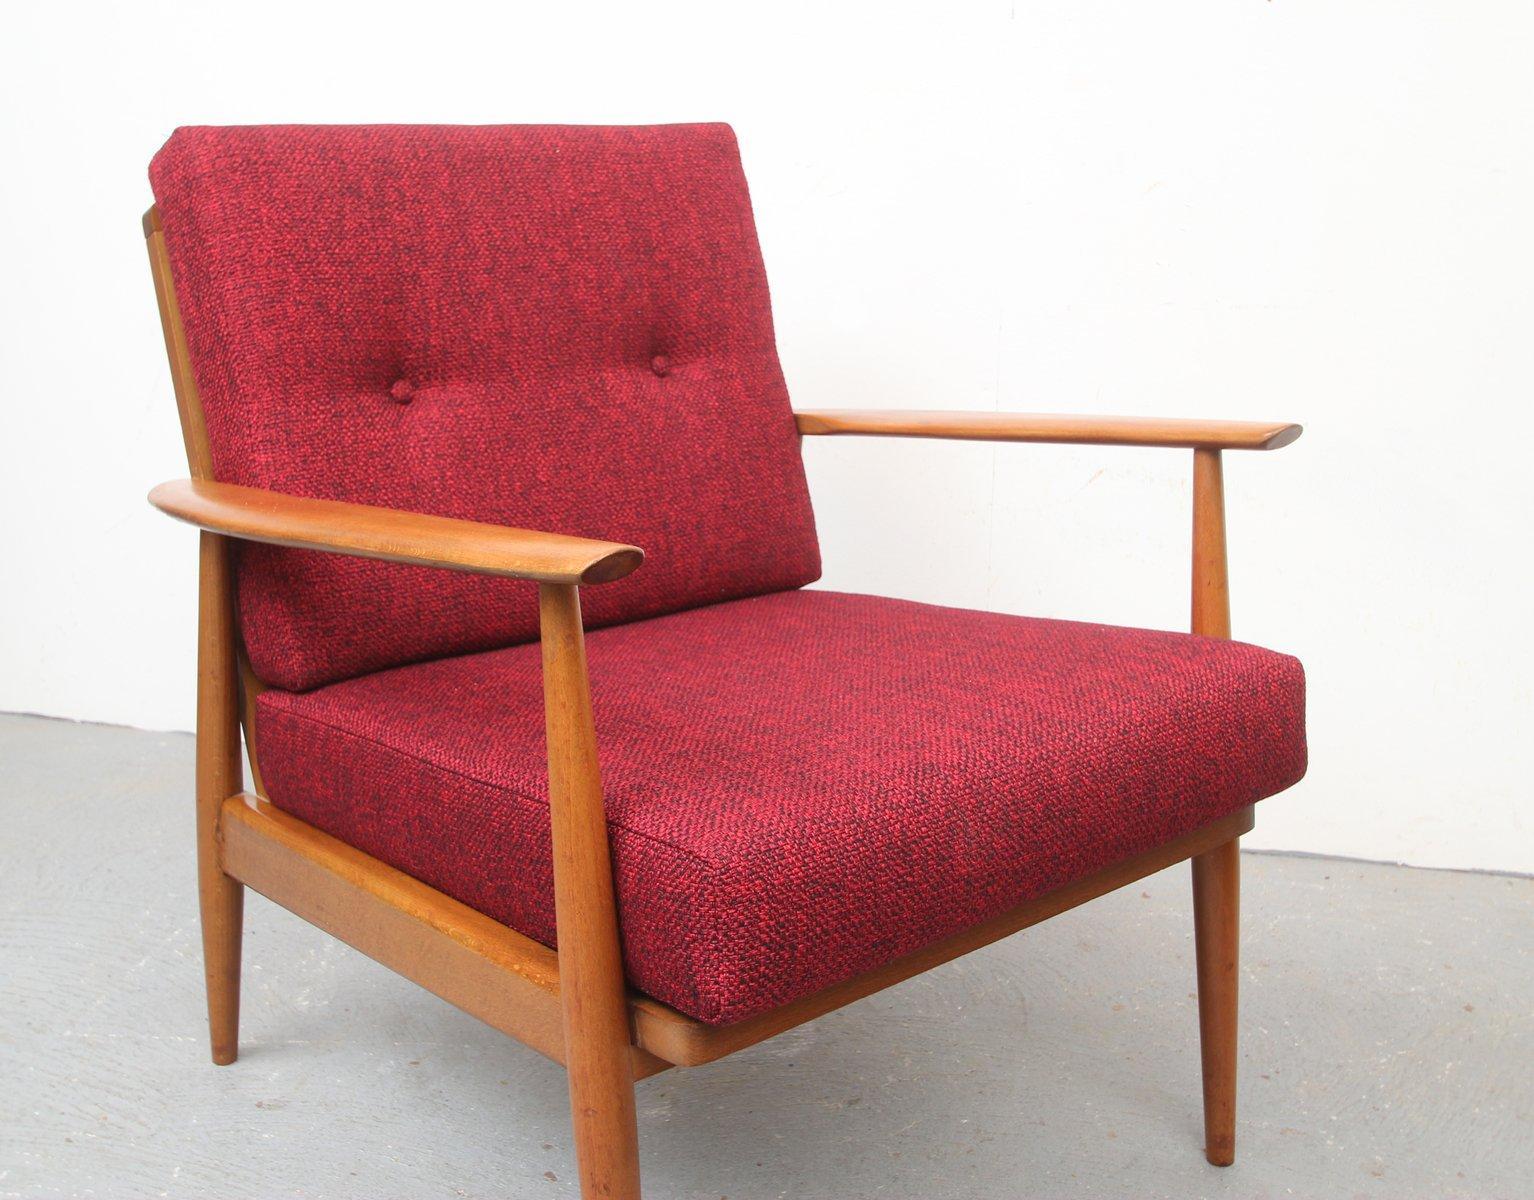 sessel mit roten kissen 1950er bei pamono kaufen. Black Bedroom Furniture Sets. Home Design Ideas